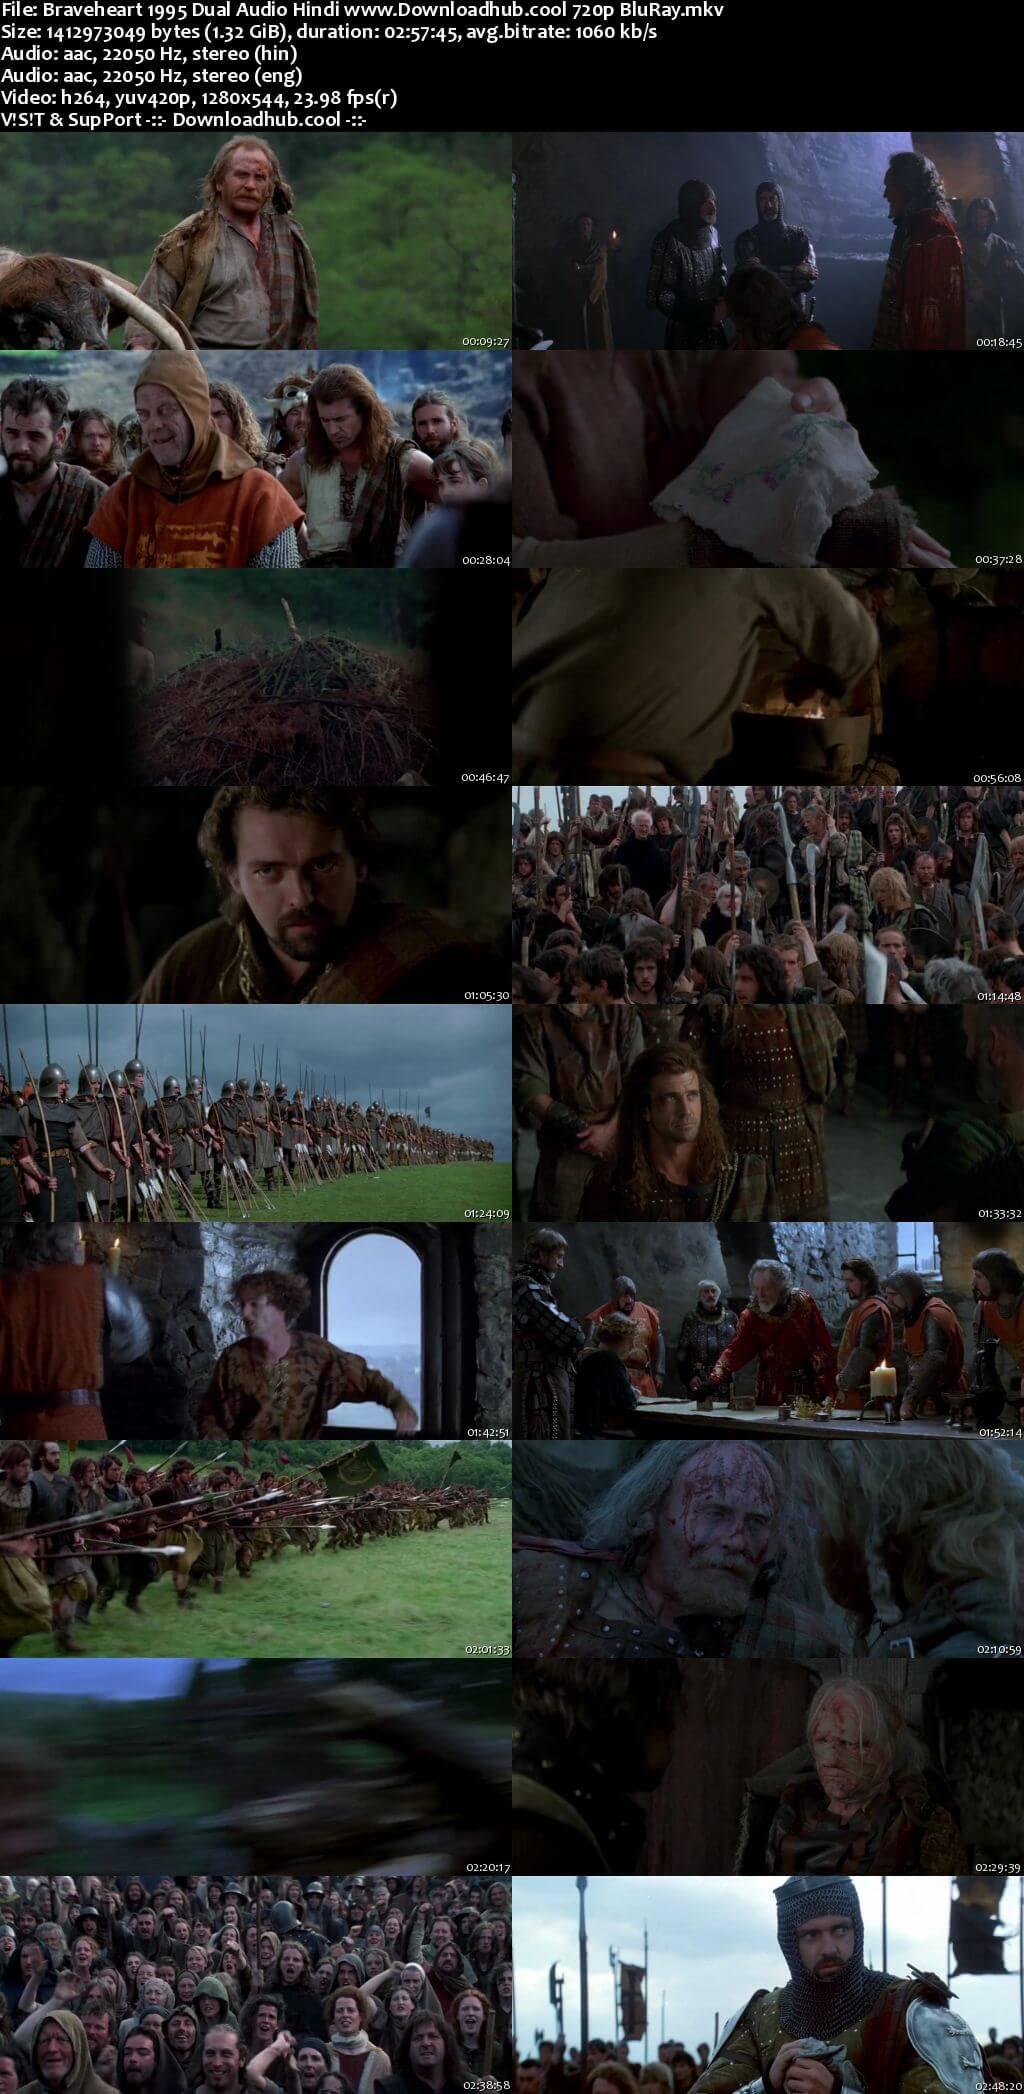 Braveheart 1995 Hindi Dual Audio 720p BluRay x264